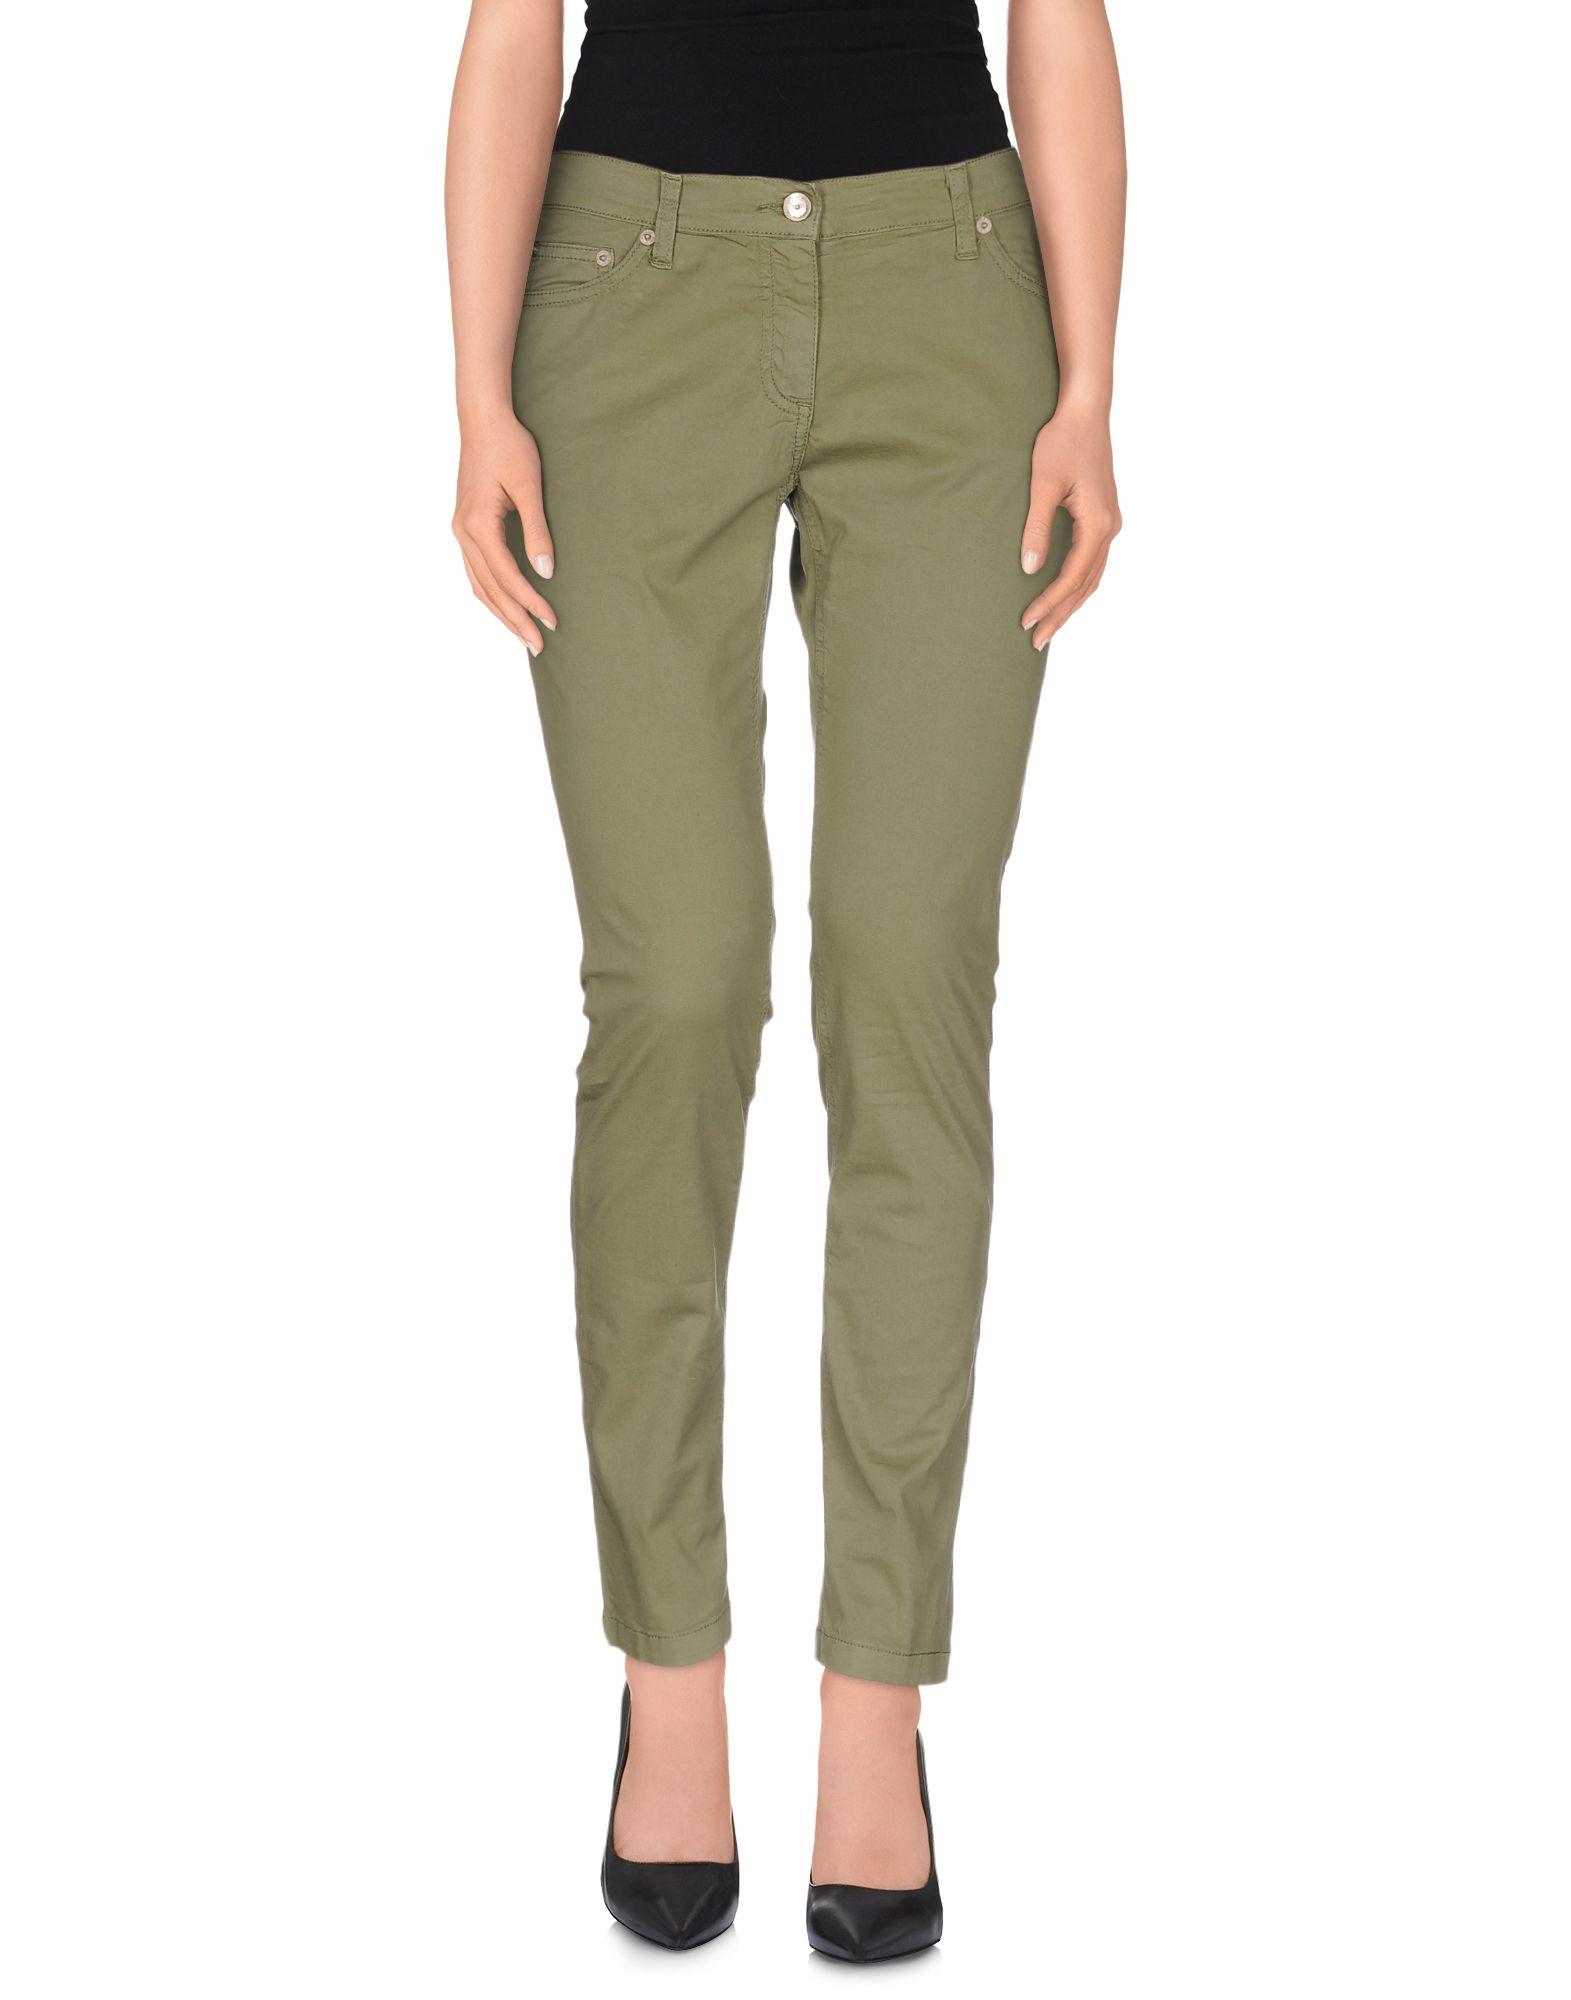 FRED PERRY Damen Hose Farbe Militärgrün Größe 3